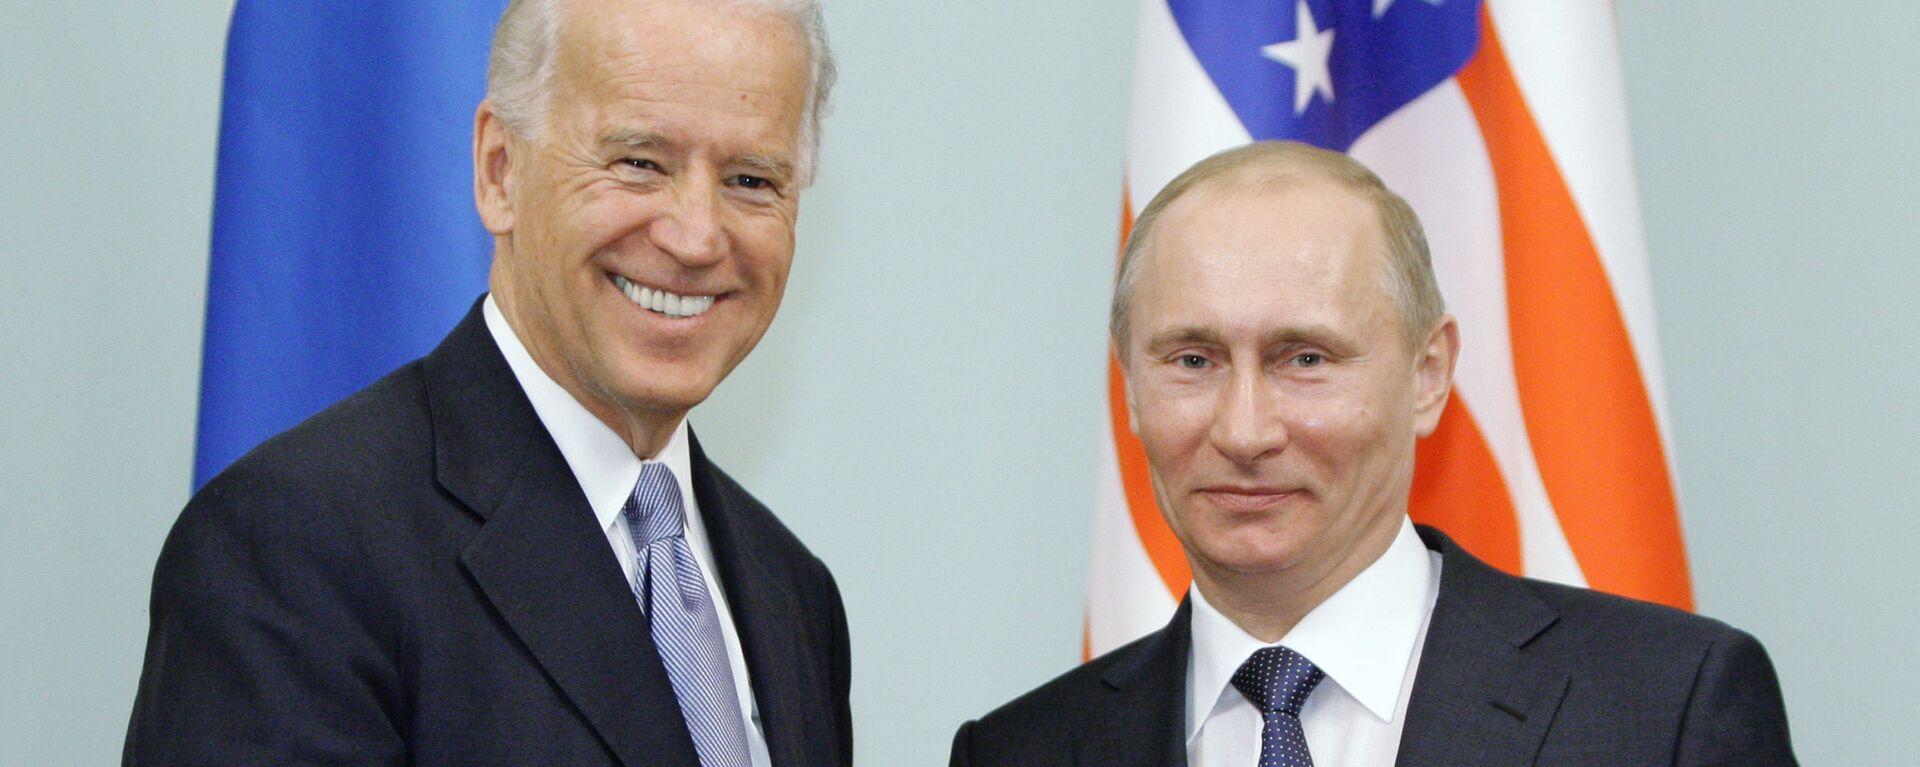 Премьер-министр России Владимир Путин (справа) пожимает руку вице-президенту США Джо Байдену  - Sputnik Таджикистан, 1920, 15.06.2021